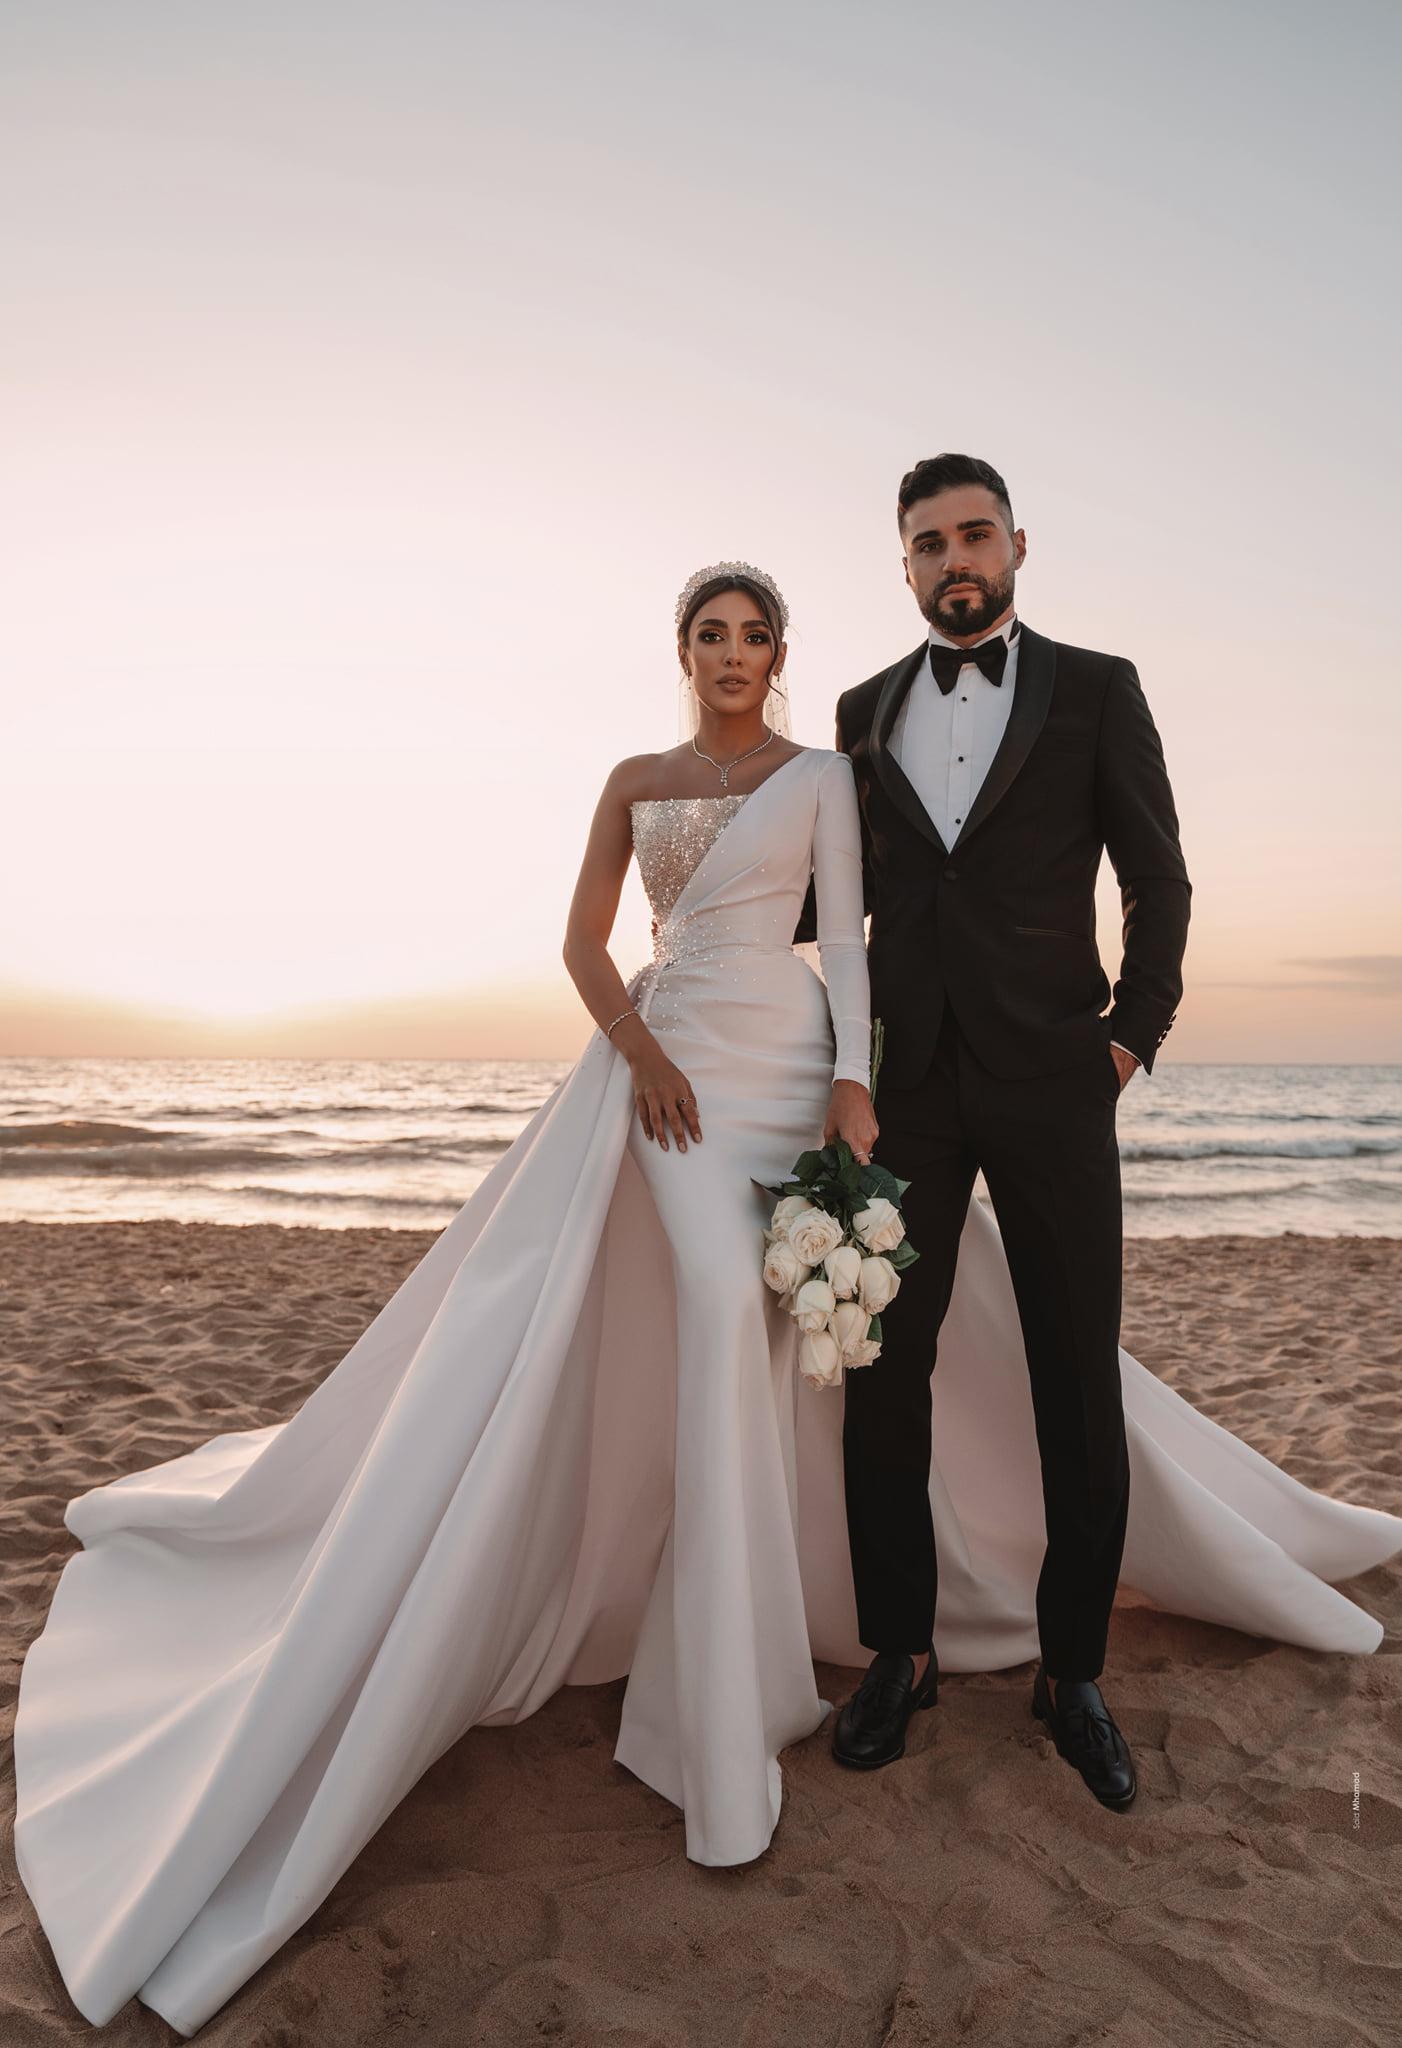 Dubaï White Pearl Mermes De Mariage Robes De Mariée Robe Une épaule À Manches Longues Lumière Gold Saisinée Robes de mariée Saisissable Vestine de Novia